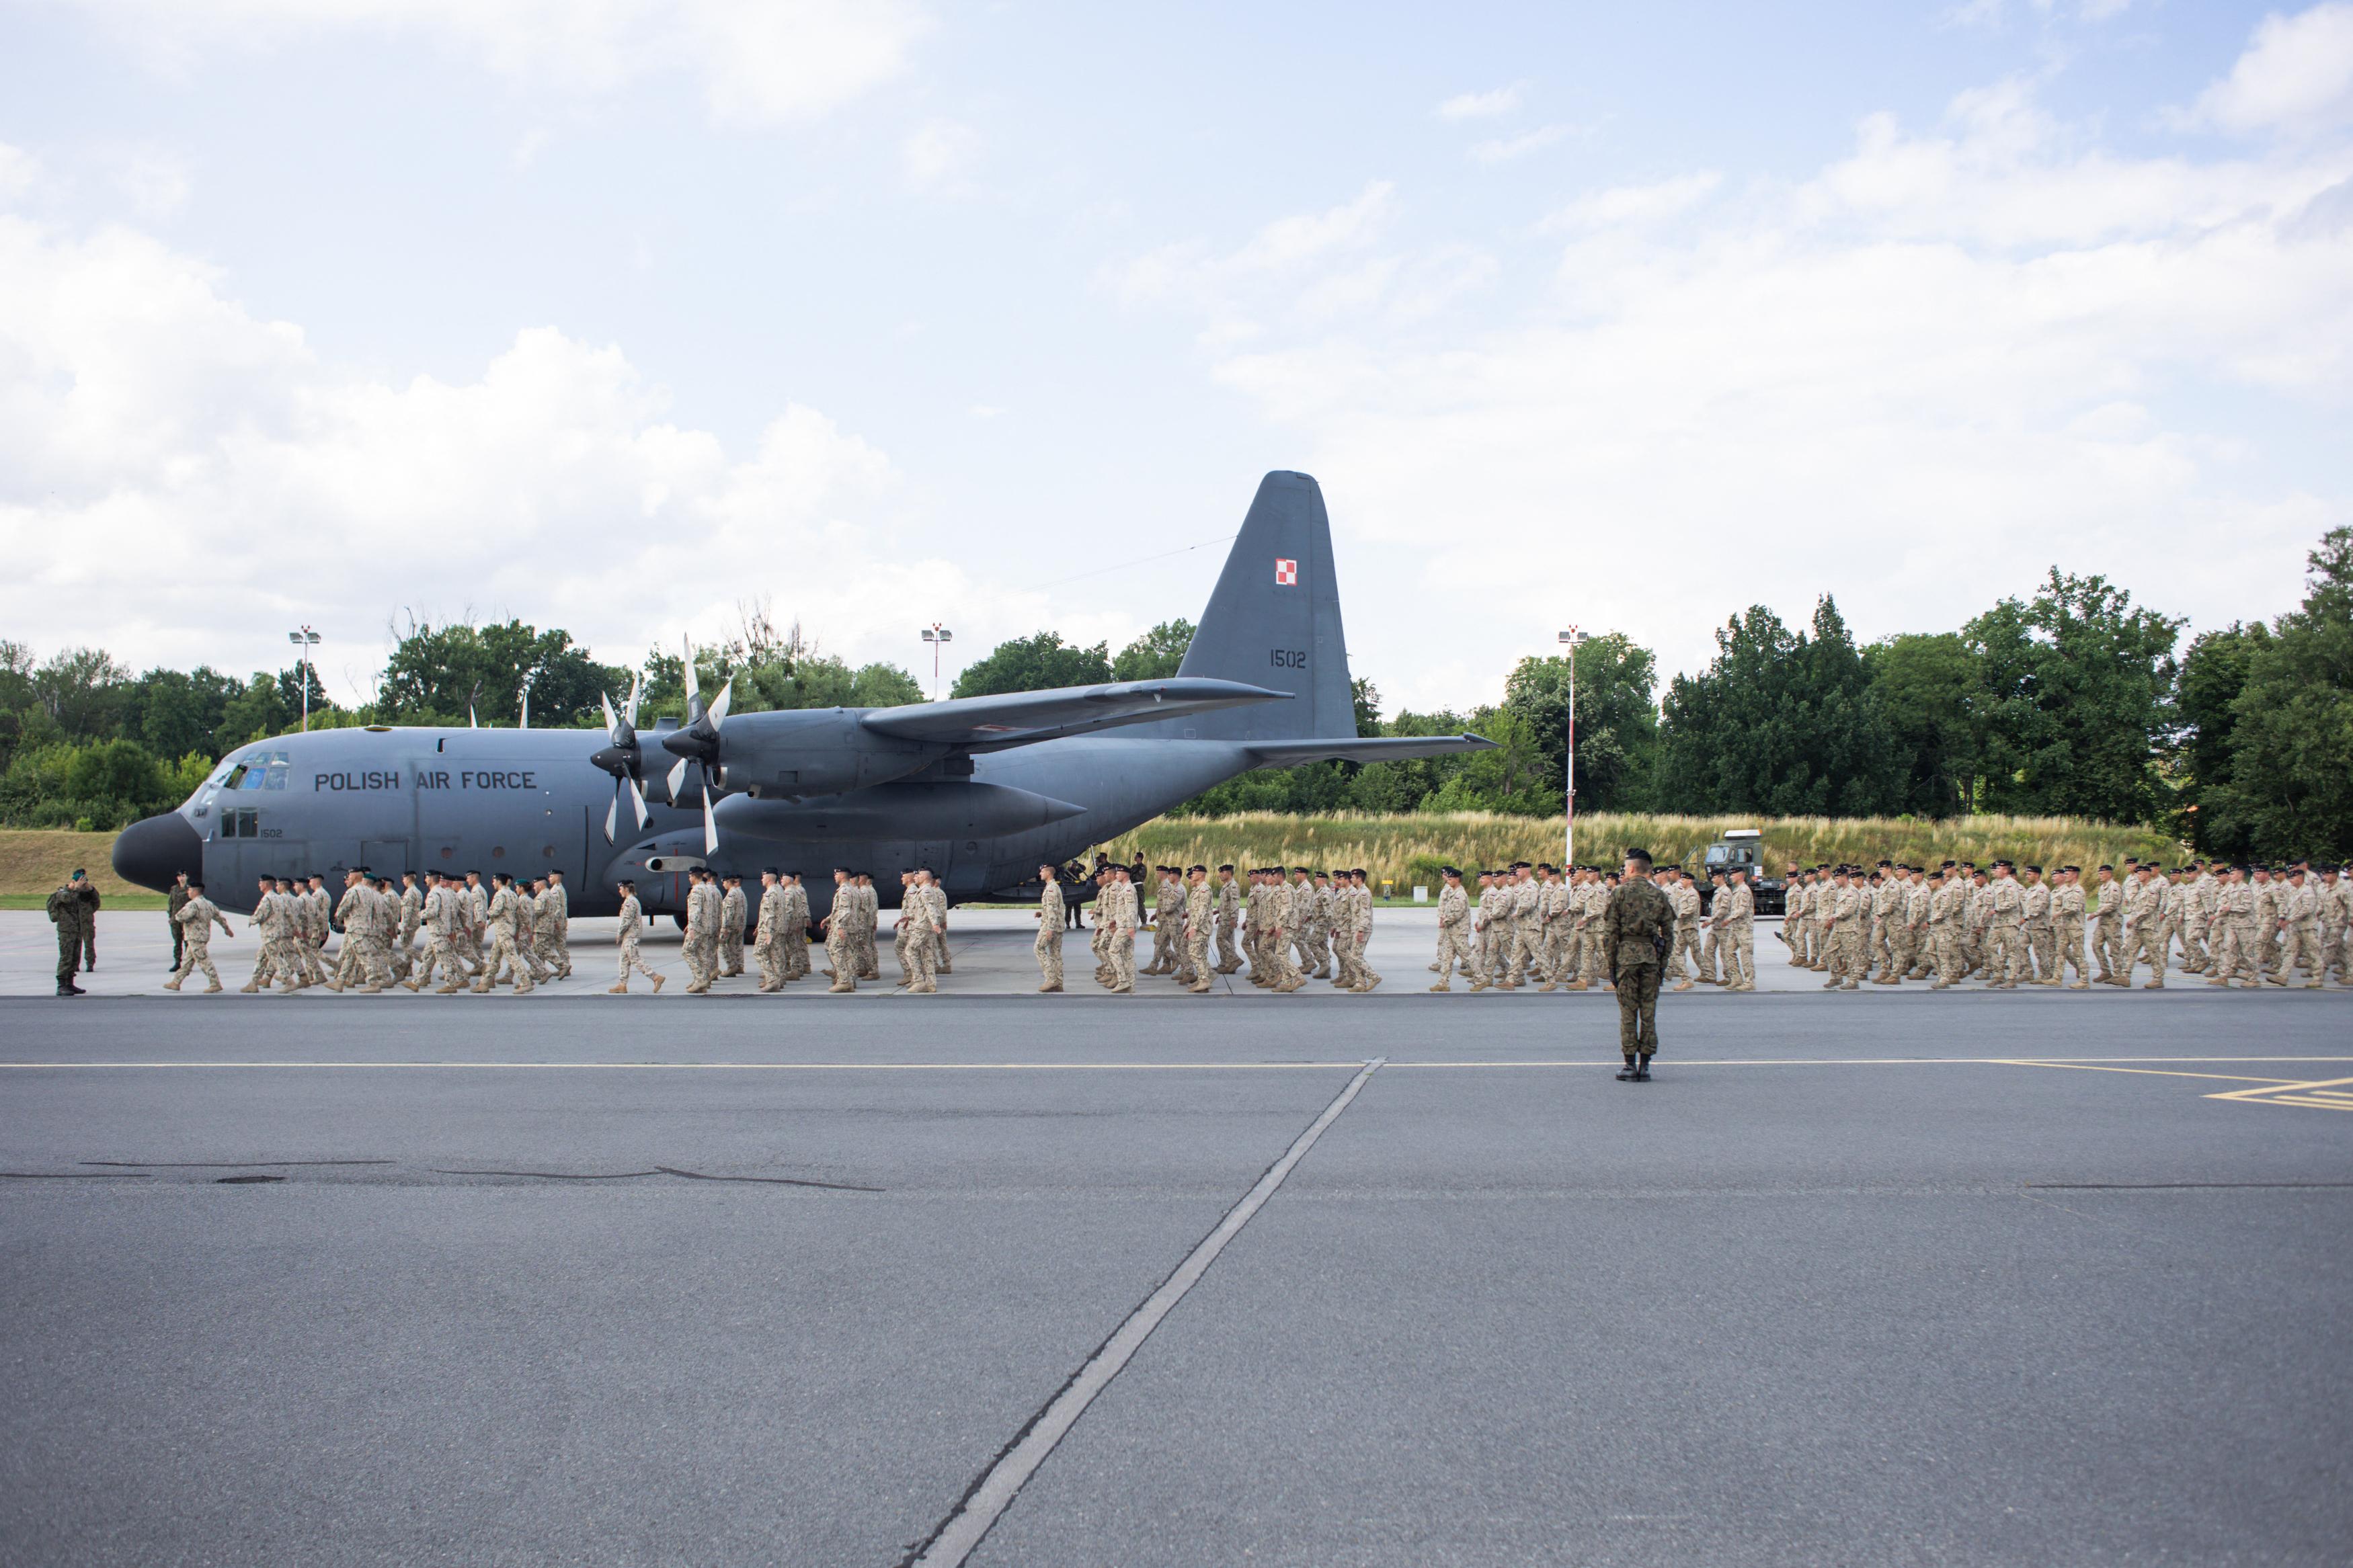 Lengyelország leállította a kabuli evakuációt, mert túl nagy biztonsági kockázattal jár